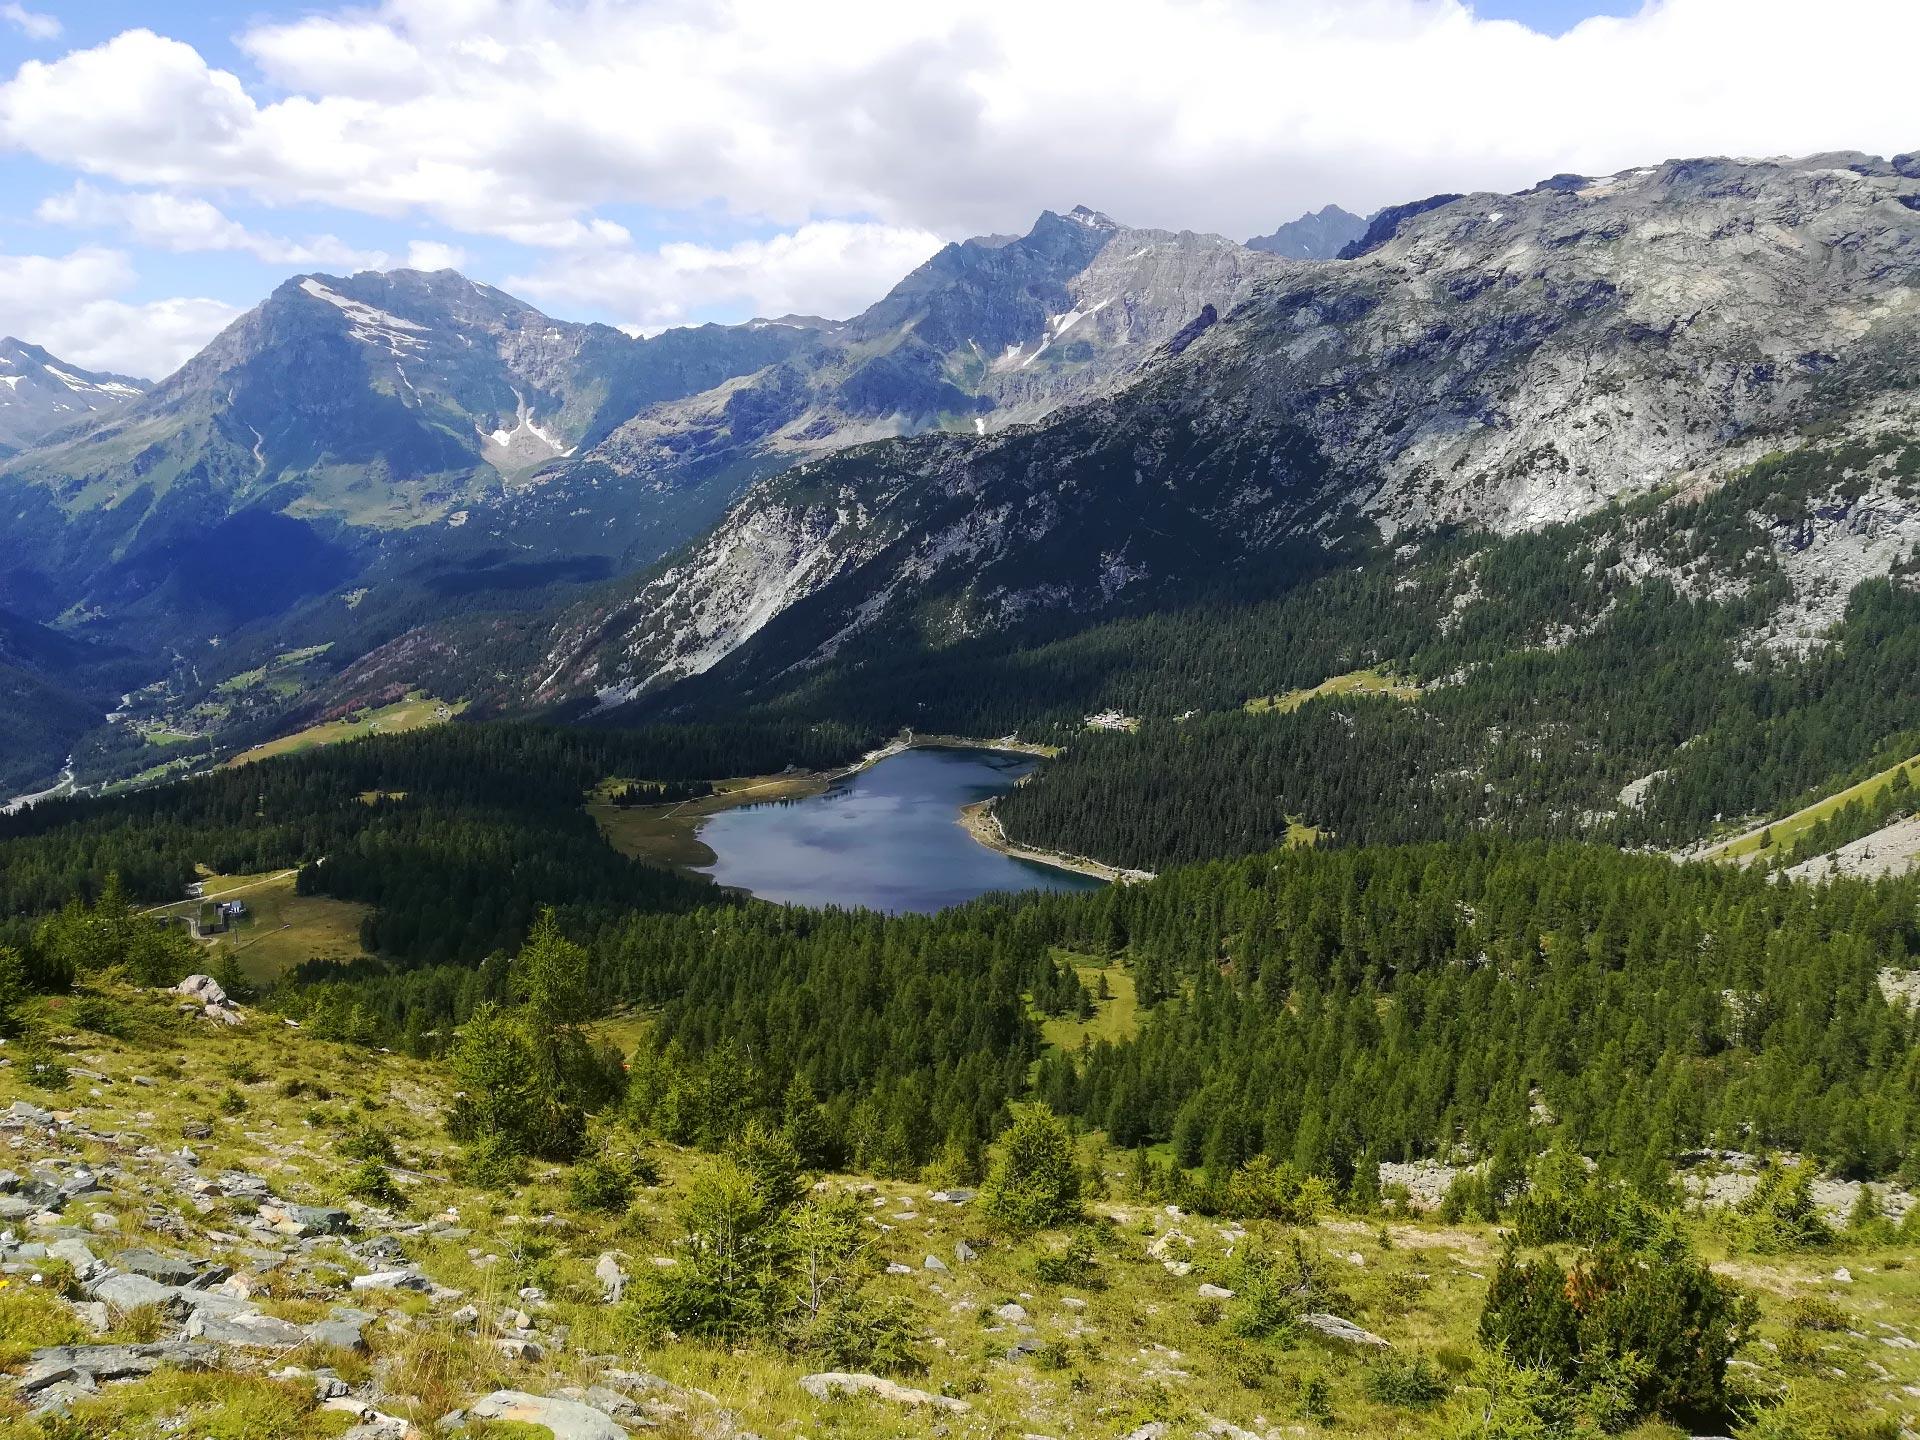 Veduta dall'alto del lago Palù, Valmalenco, Lombardia